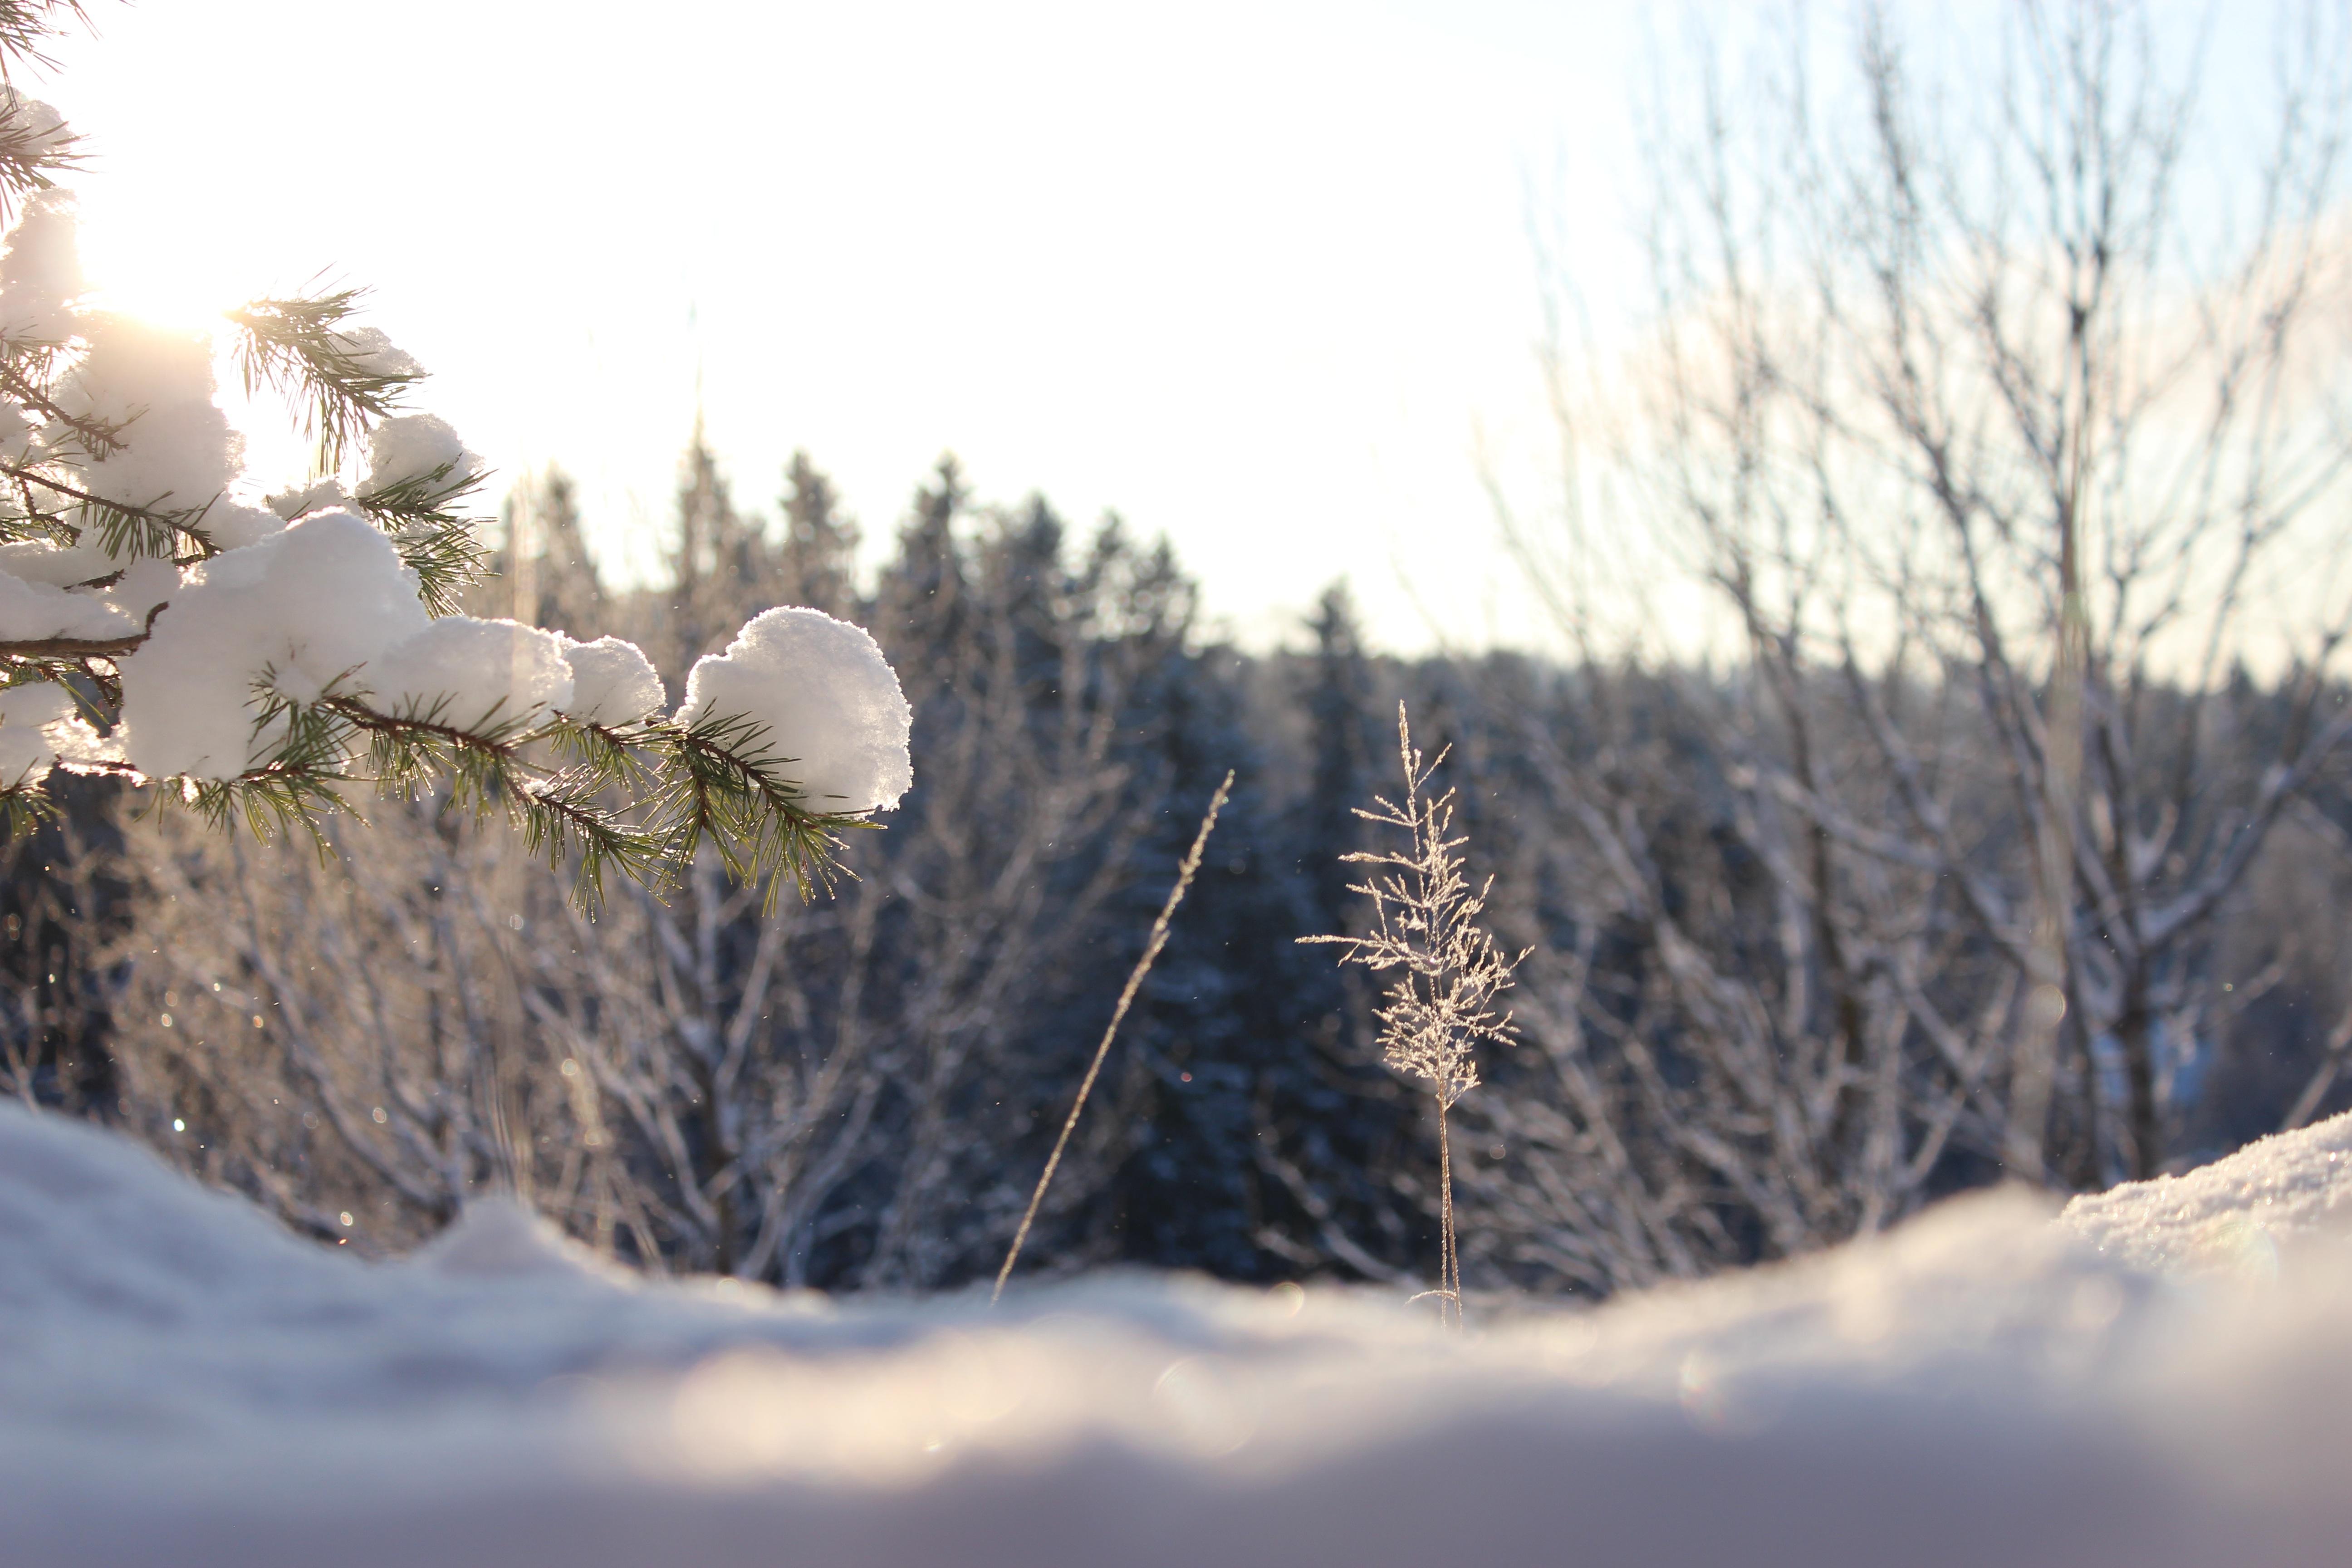 Landschaft Baum Natur Wald Ast Schnee Winter Himmel Sonnenschein Sonne Sonnenlicht Frost Wetter blau Terrain Tanne